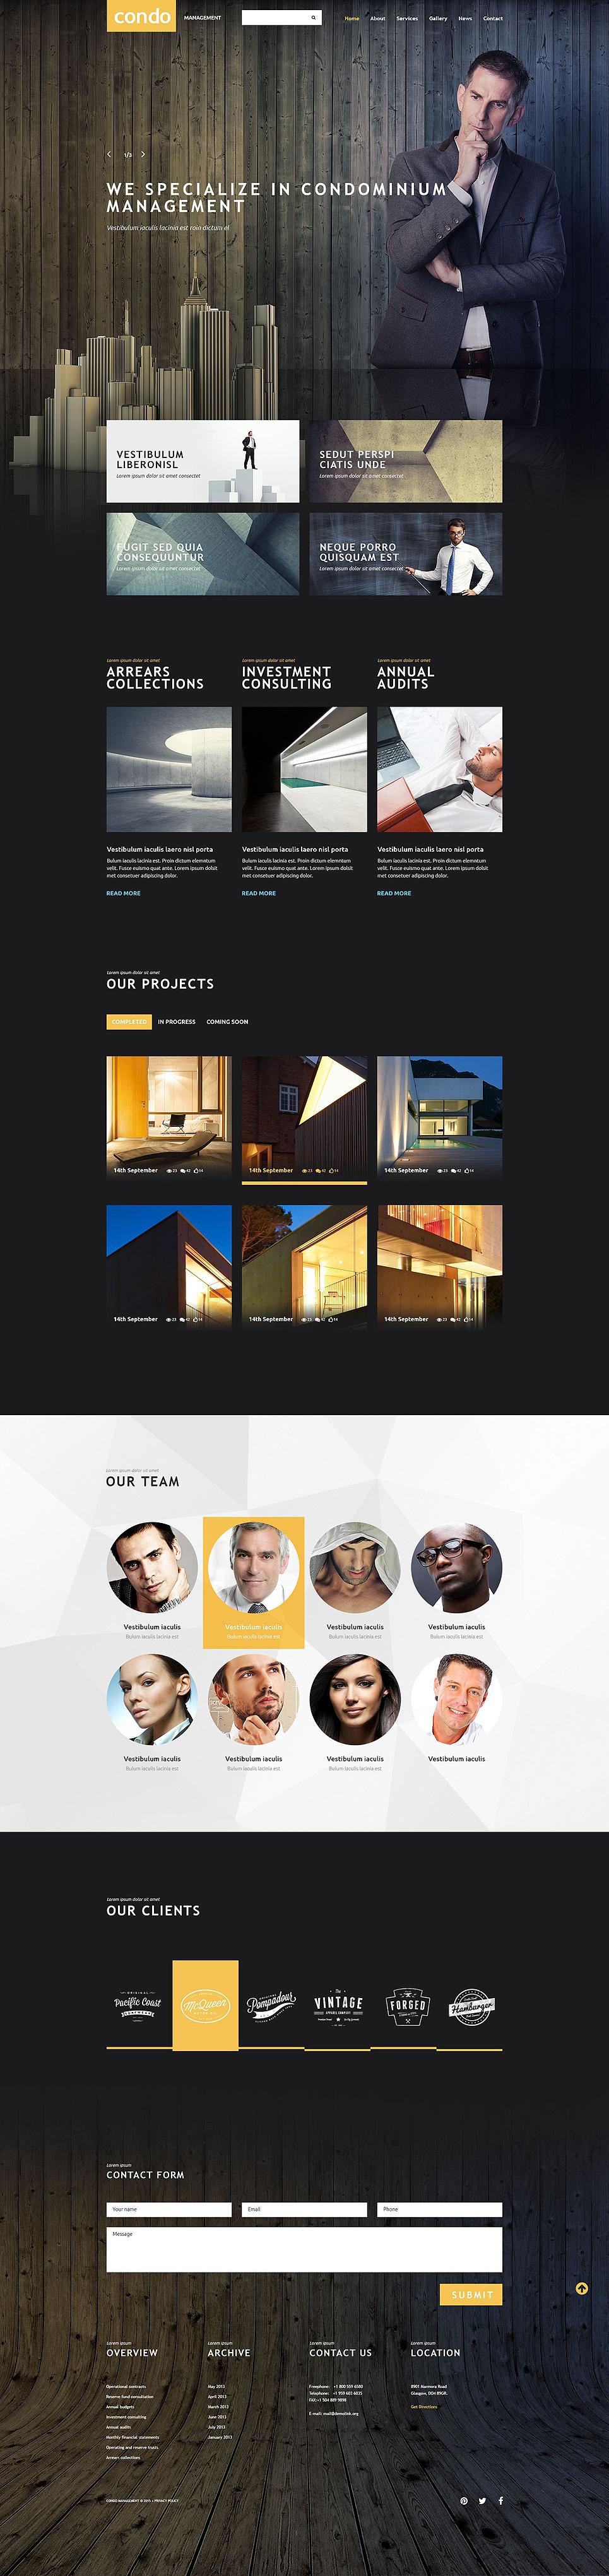 Asset Management template illustration image